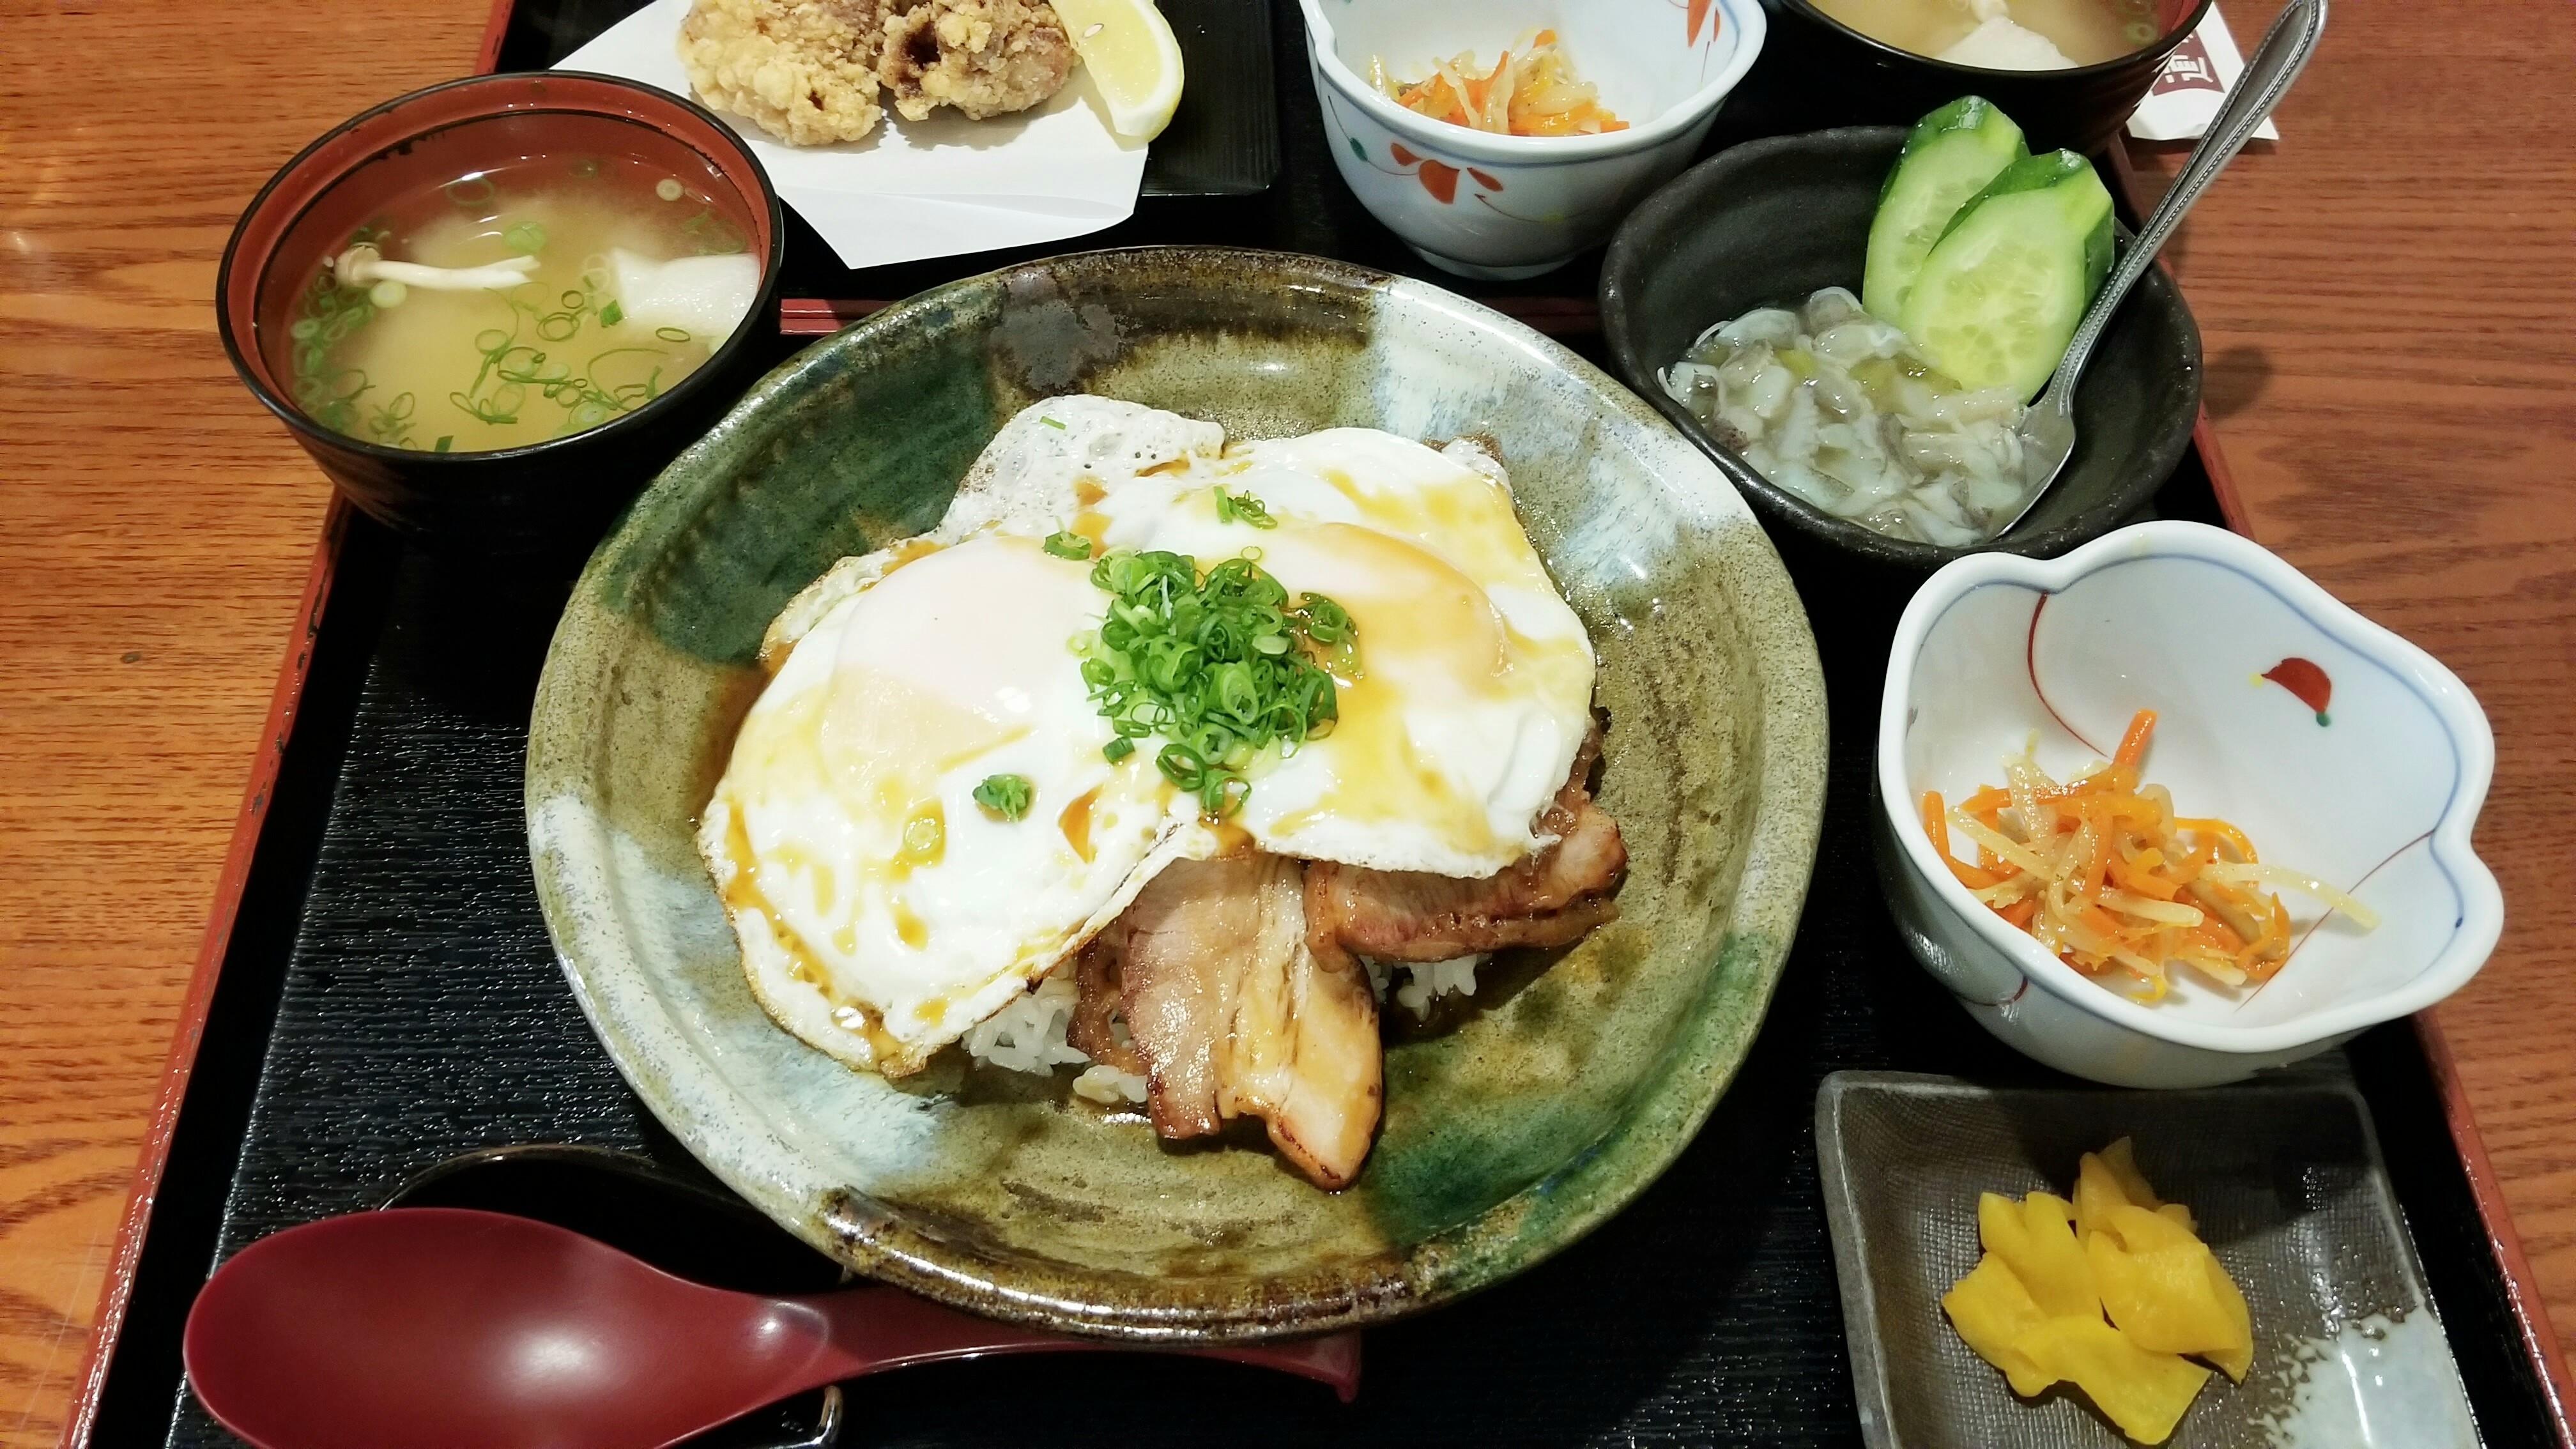 愛媛県松山市道後温泉商店街麦酒館おいしいランチグルメおすすめ